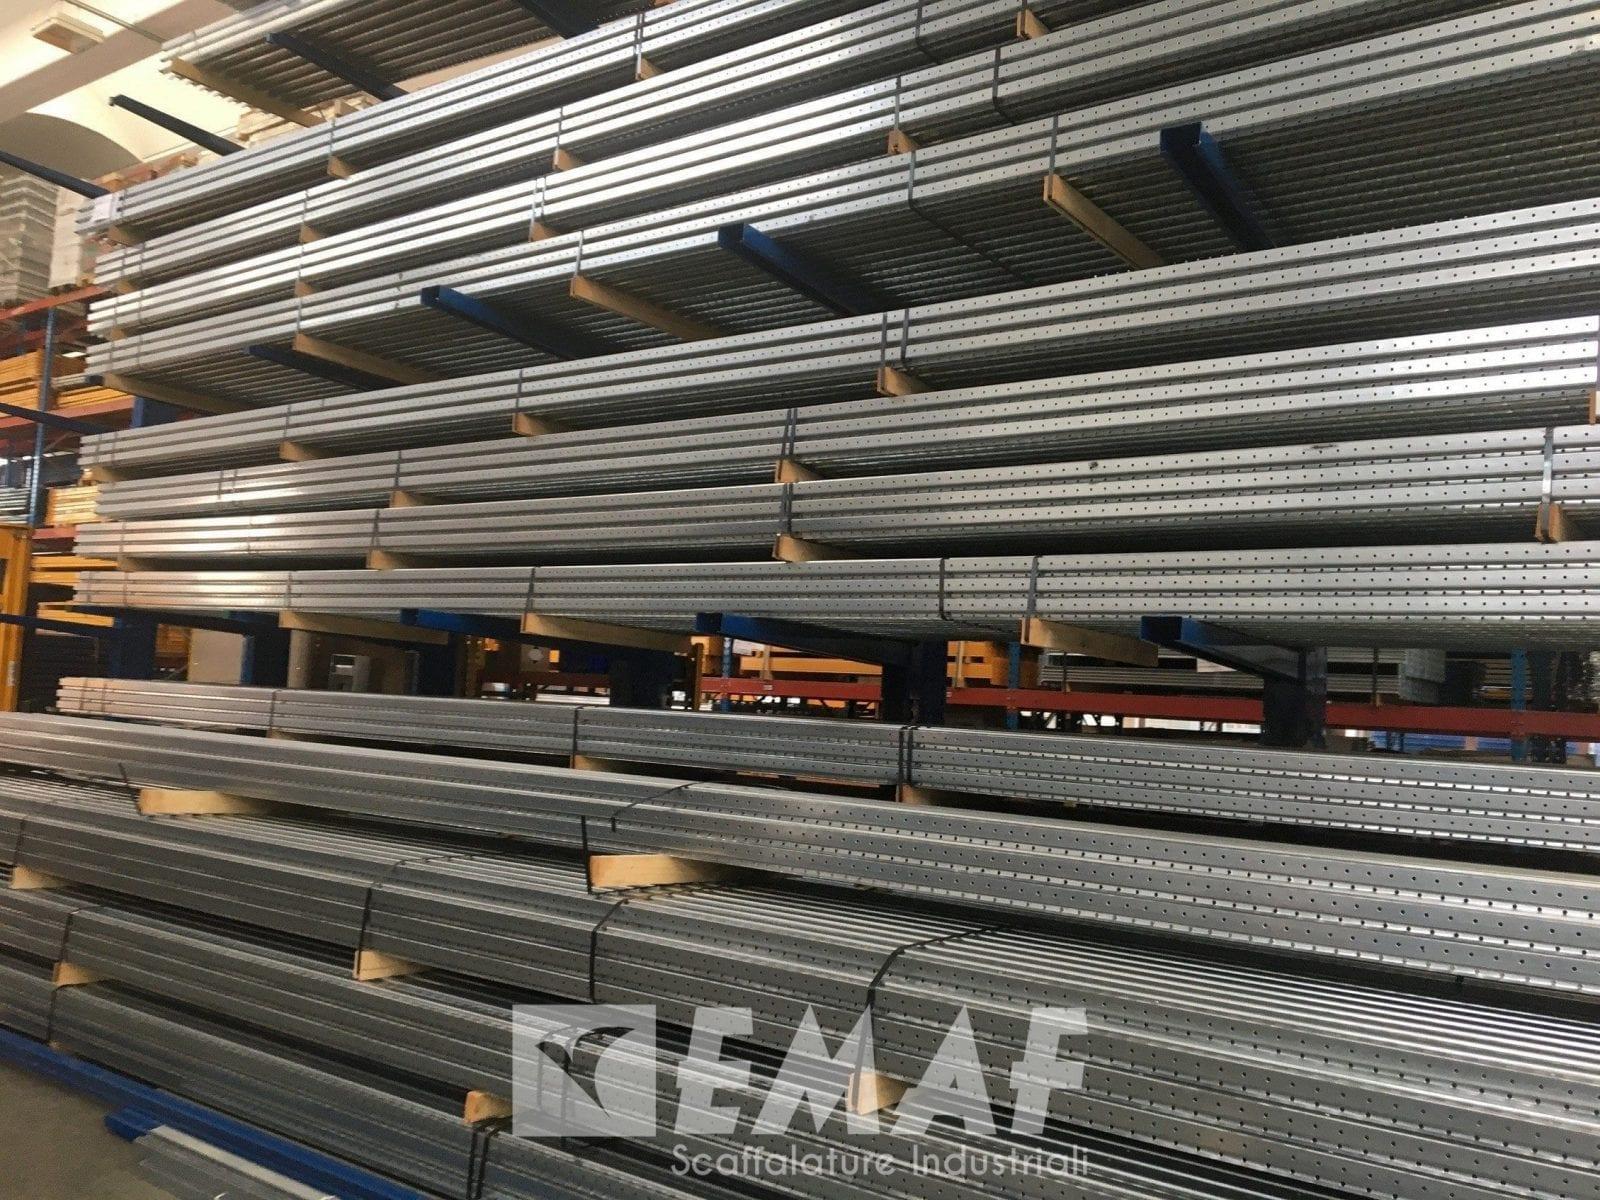 Scaffalature Per Pallets Usate.Portapallet Non Ritirata Scaffalatura Industriale Nuova Da 60 Bancali Epal